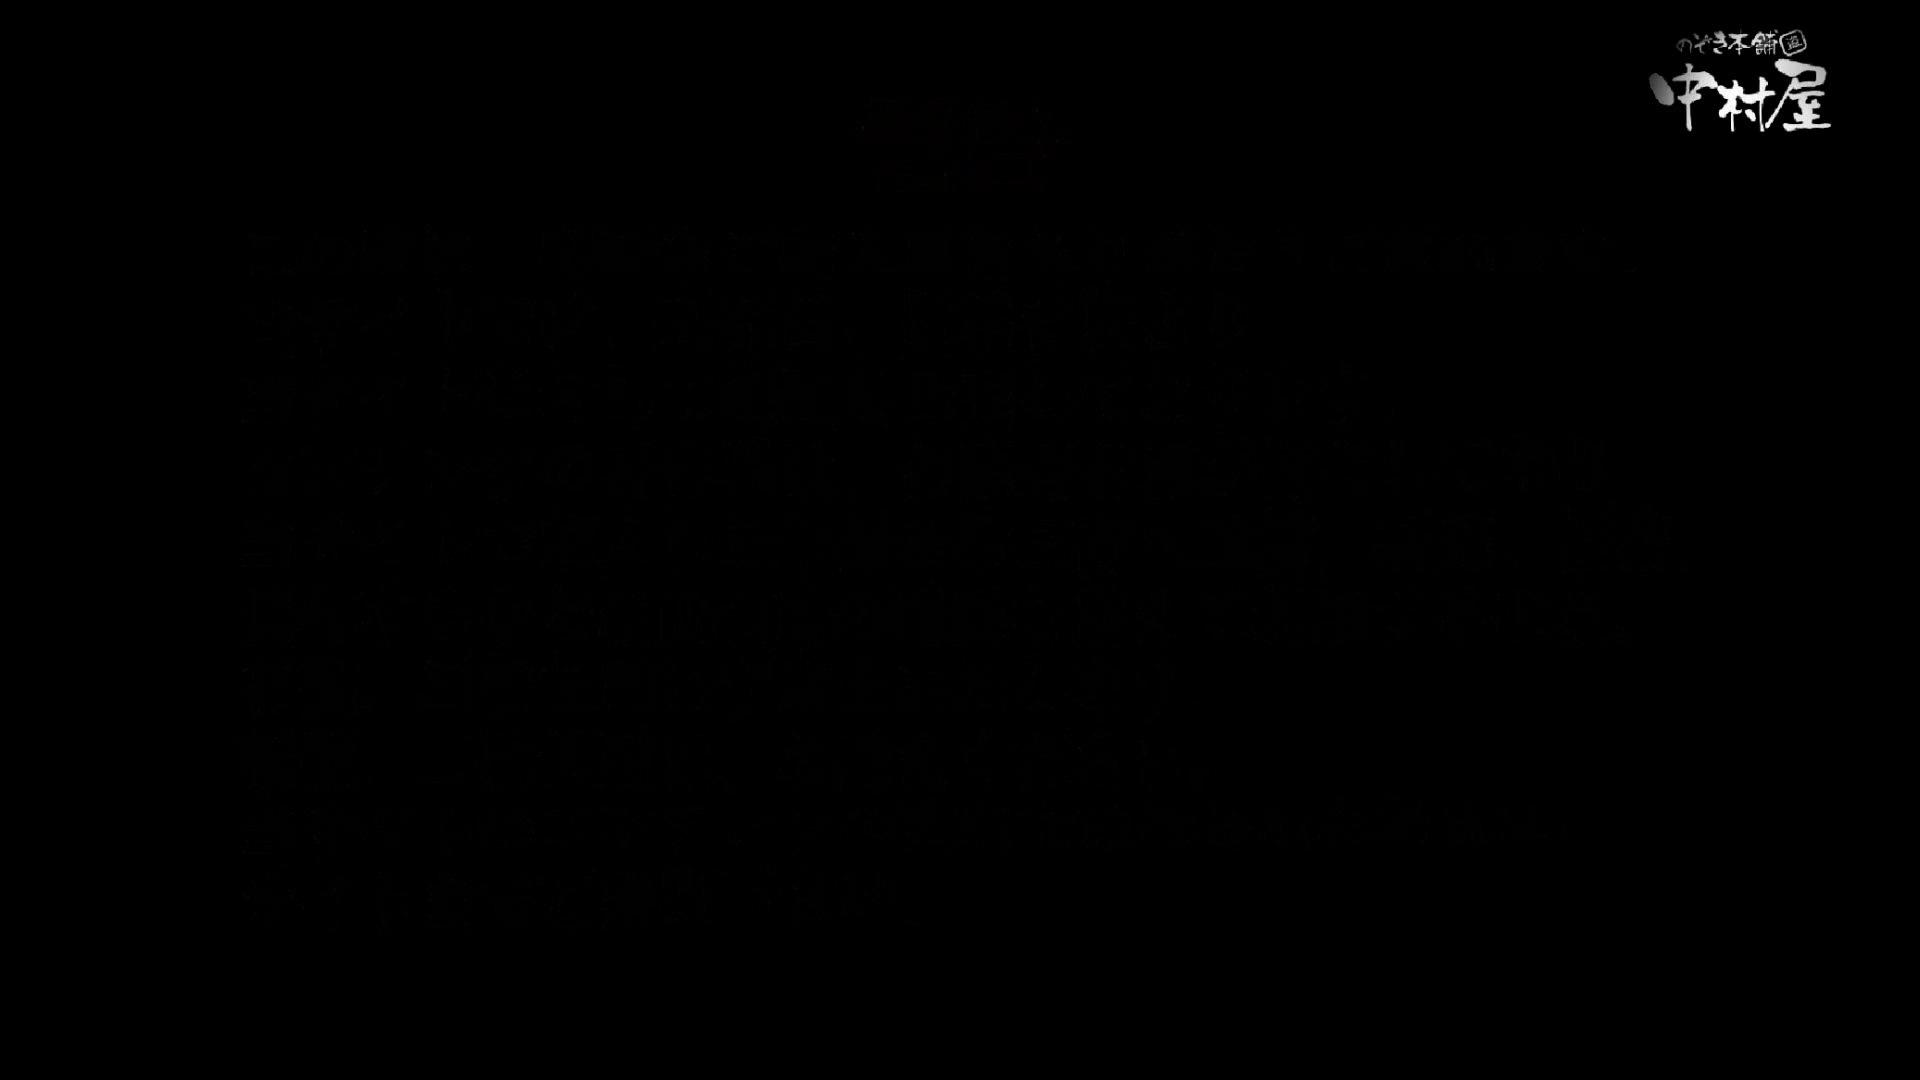 魂のかわや盗撮62連発! スポーツシューズの嬢! 53発目! 黄金水 | 盗撮師作品  80pic 27